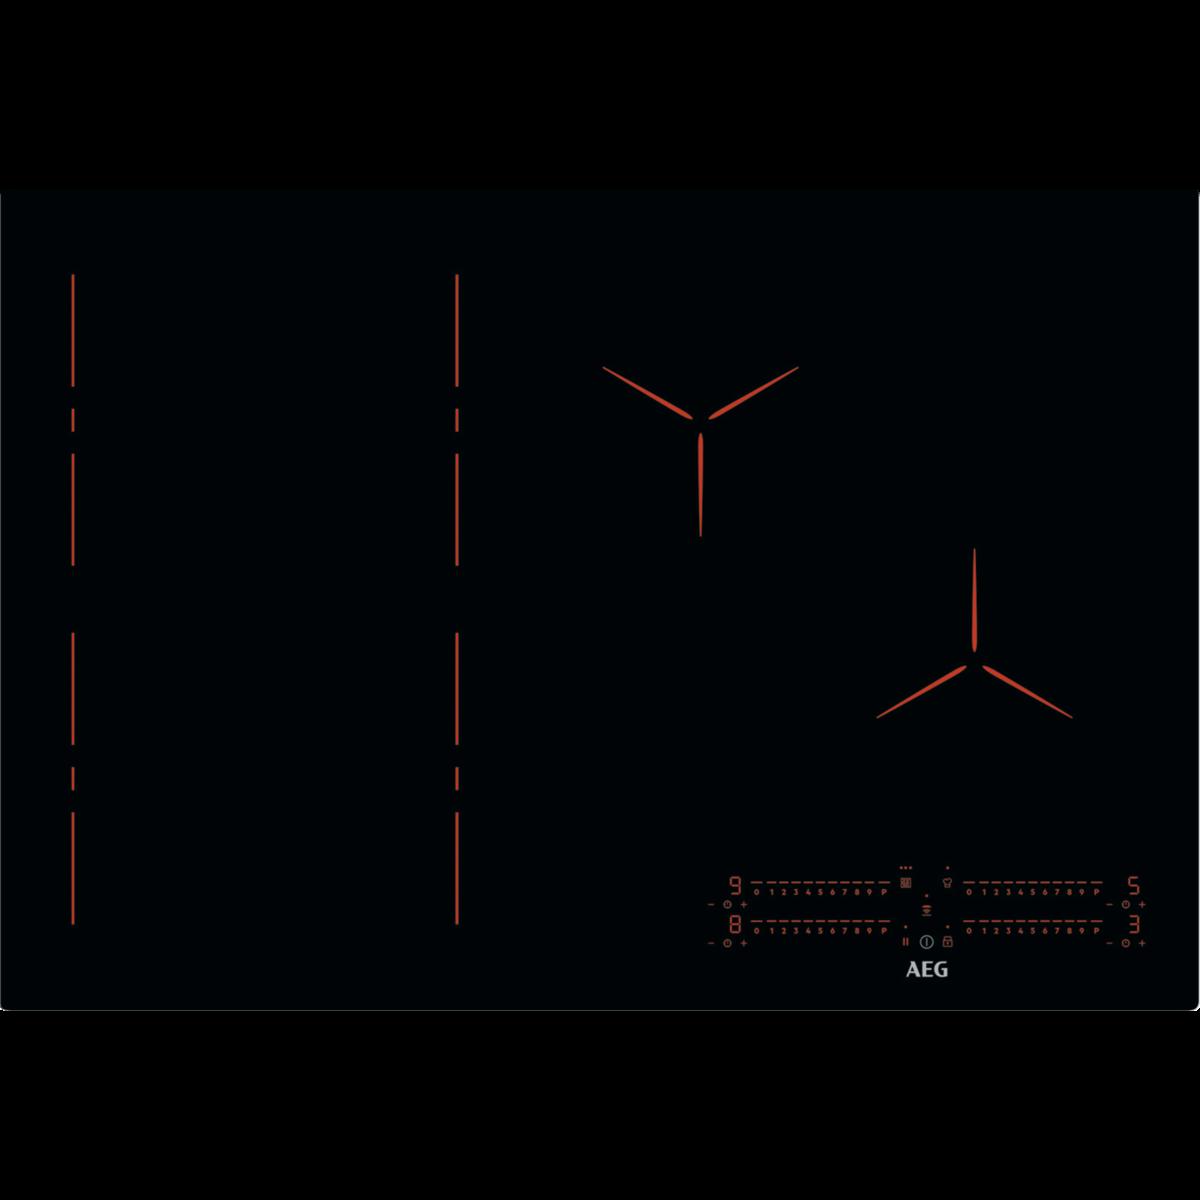 INDUKTIONS-KOCHFELD MIT FLEXIBRIDGE